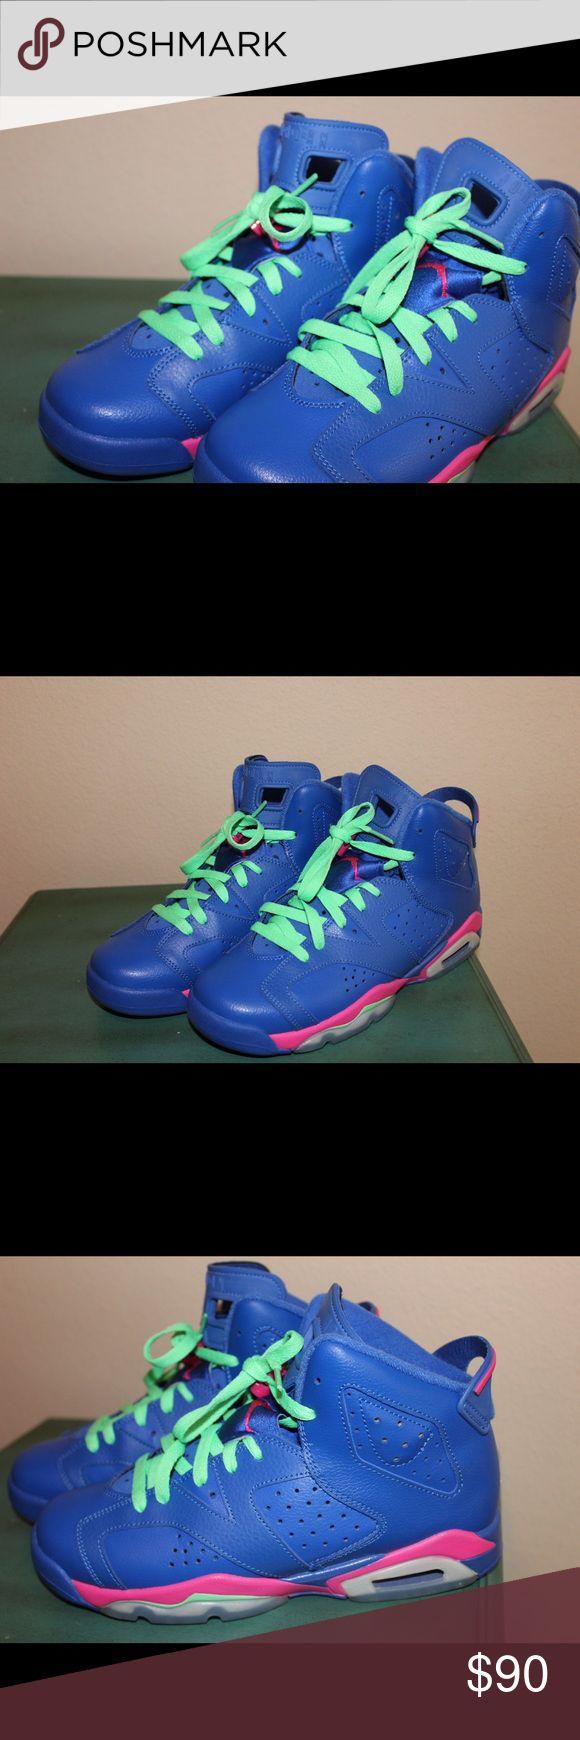 100% authentic Jordan retro 6 Multi colored, air Jordan retros, WORN ONLY ONE TIME Jordan Shoes Sneakers